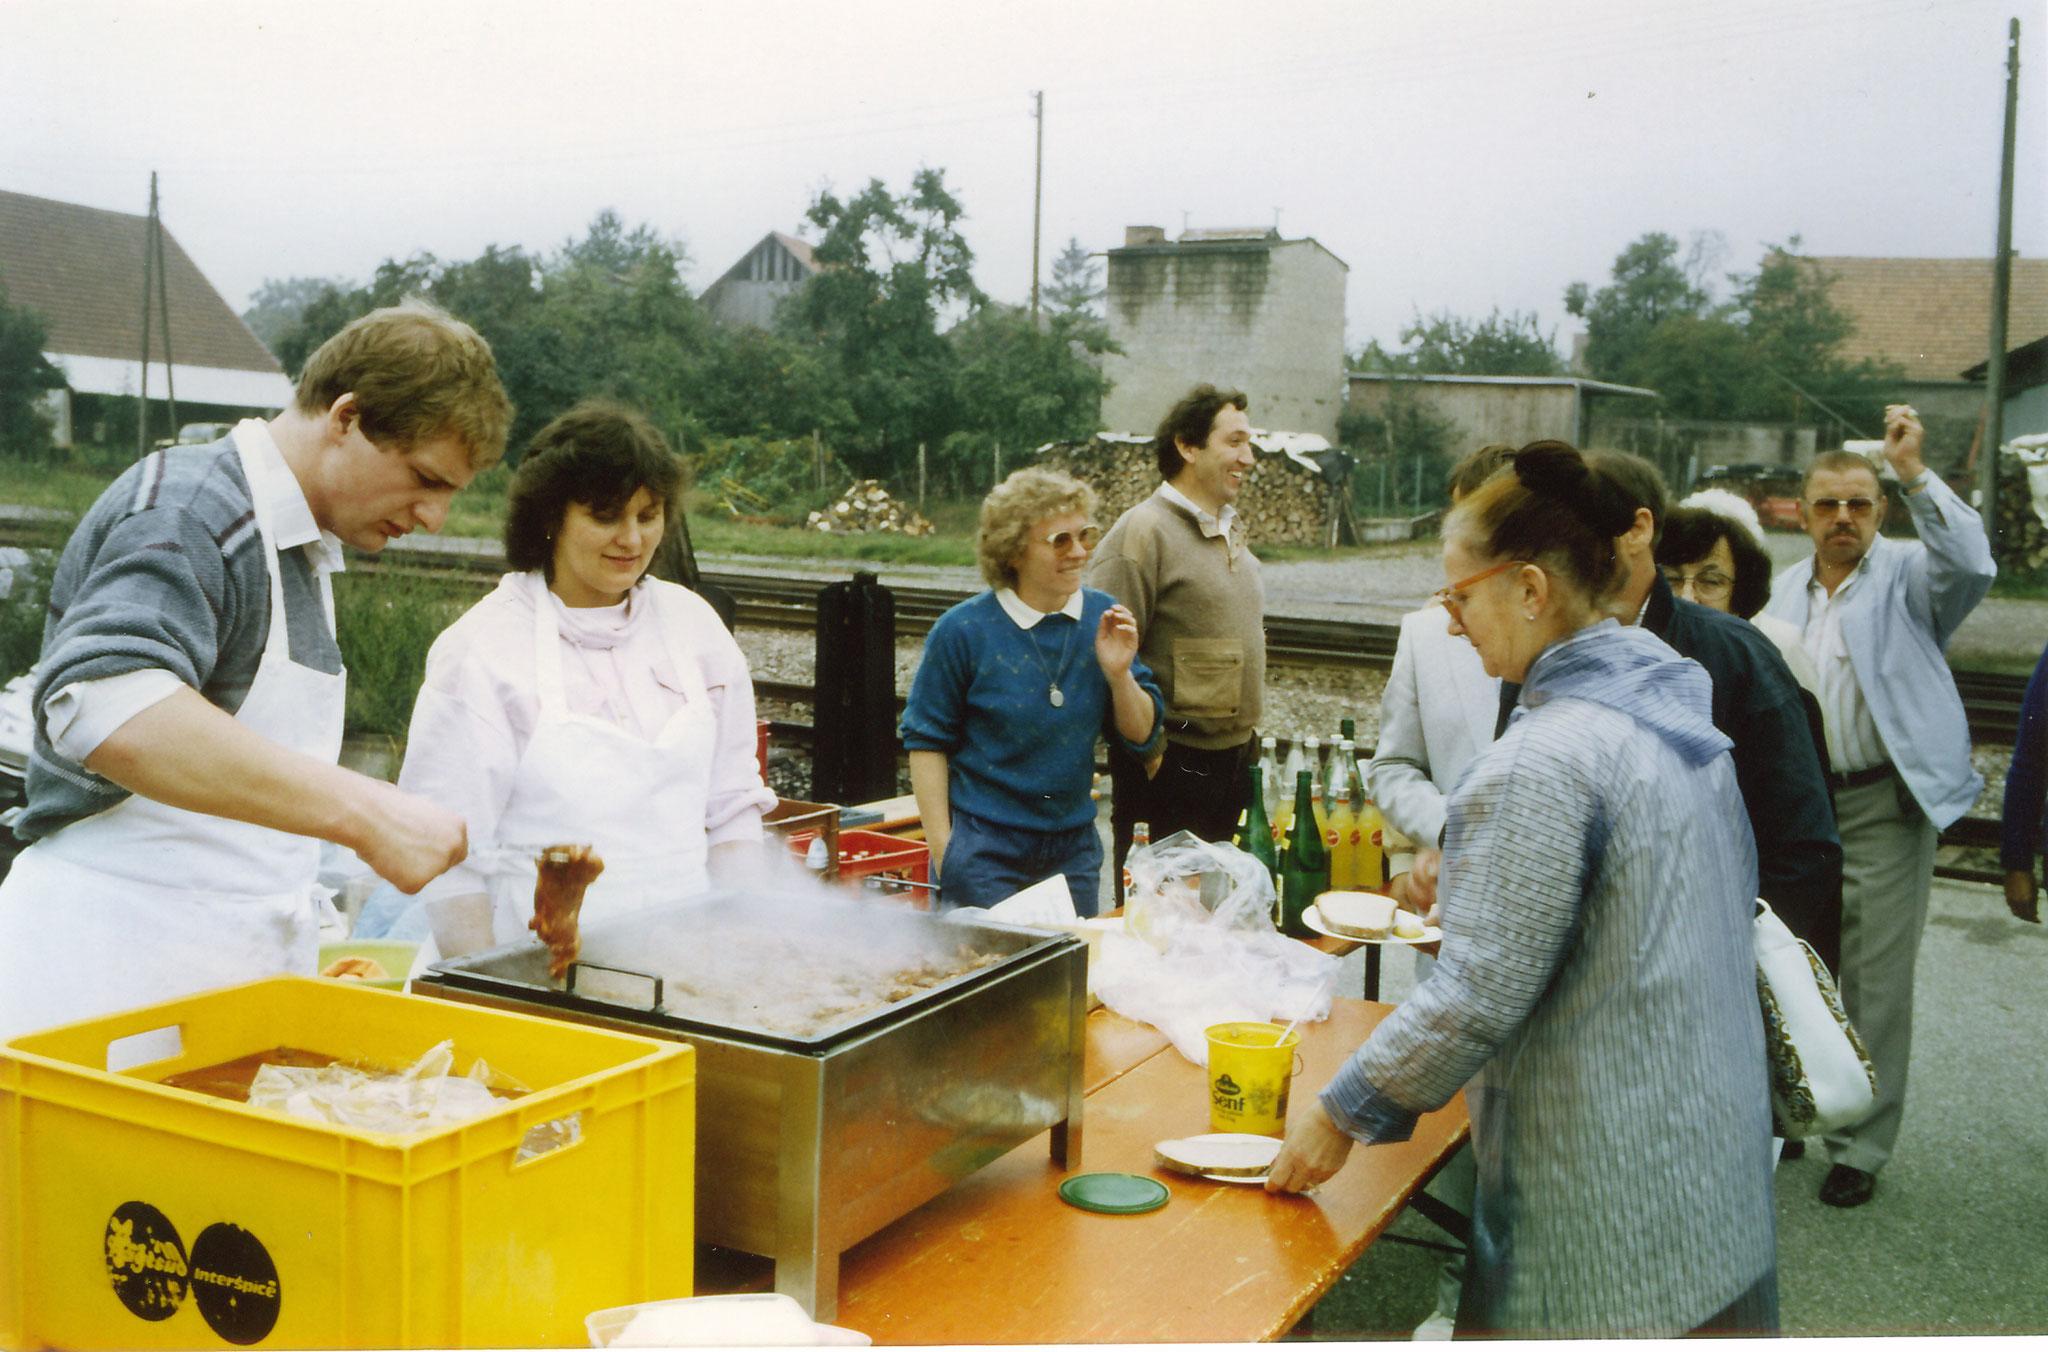 Ausflug mit dem Rebenbummler am Kaiserstuhl mit Pause in Königschaufhausen  in 1980 Jahren